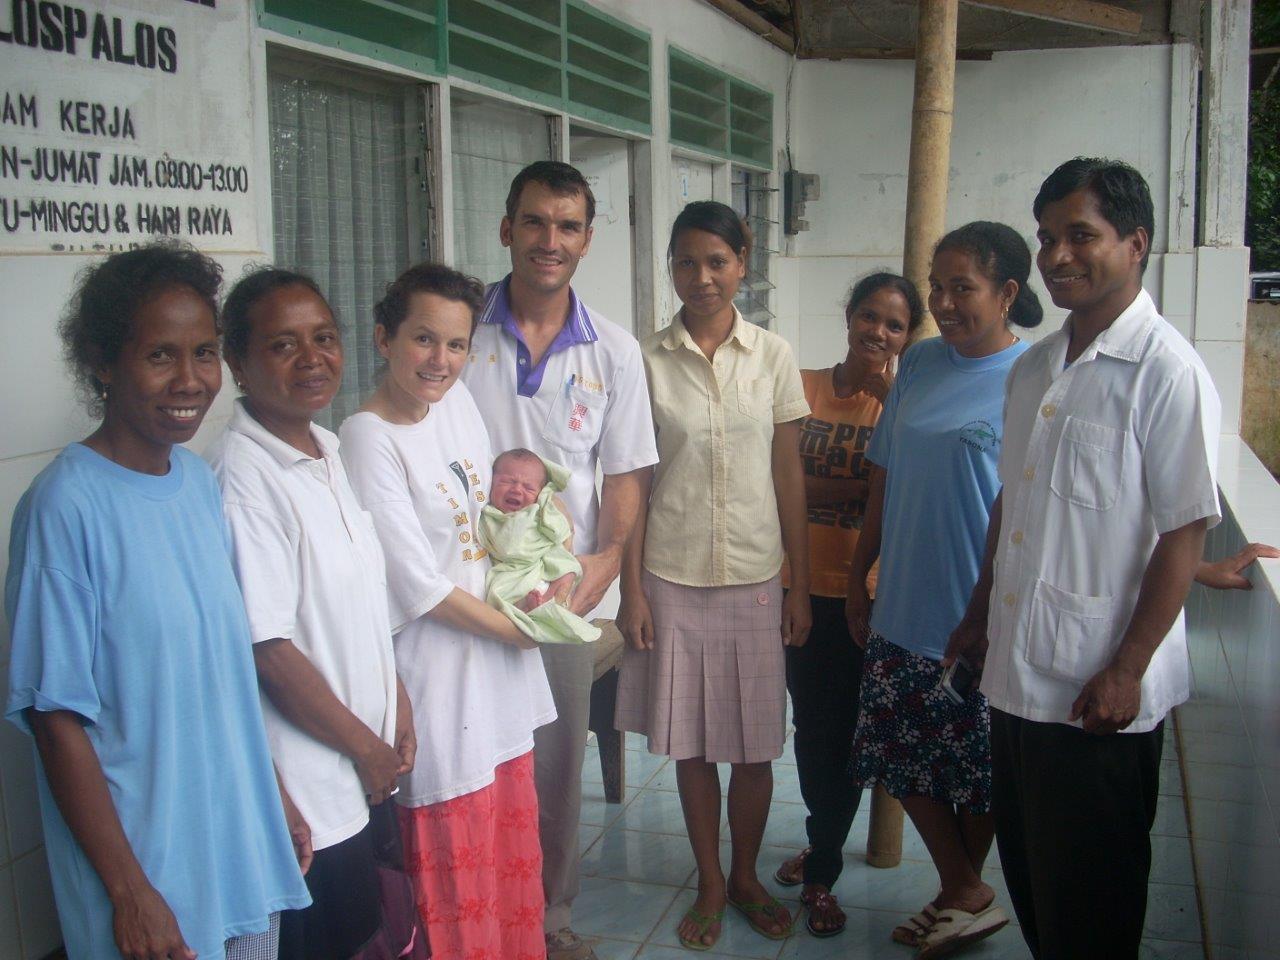 East Timor 2010